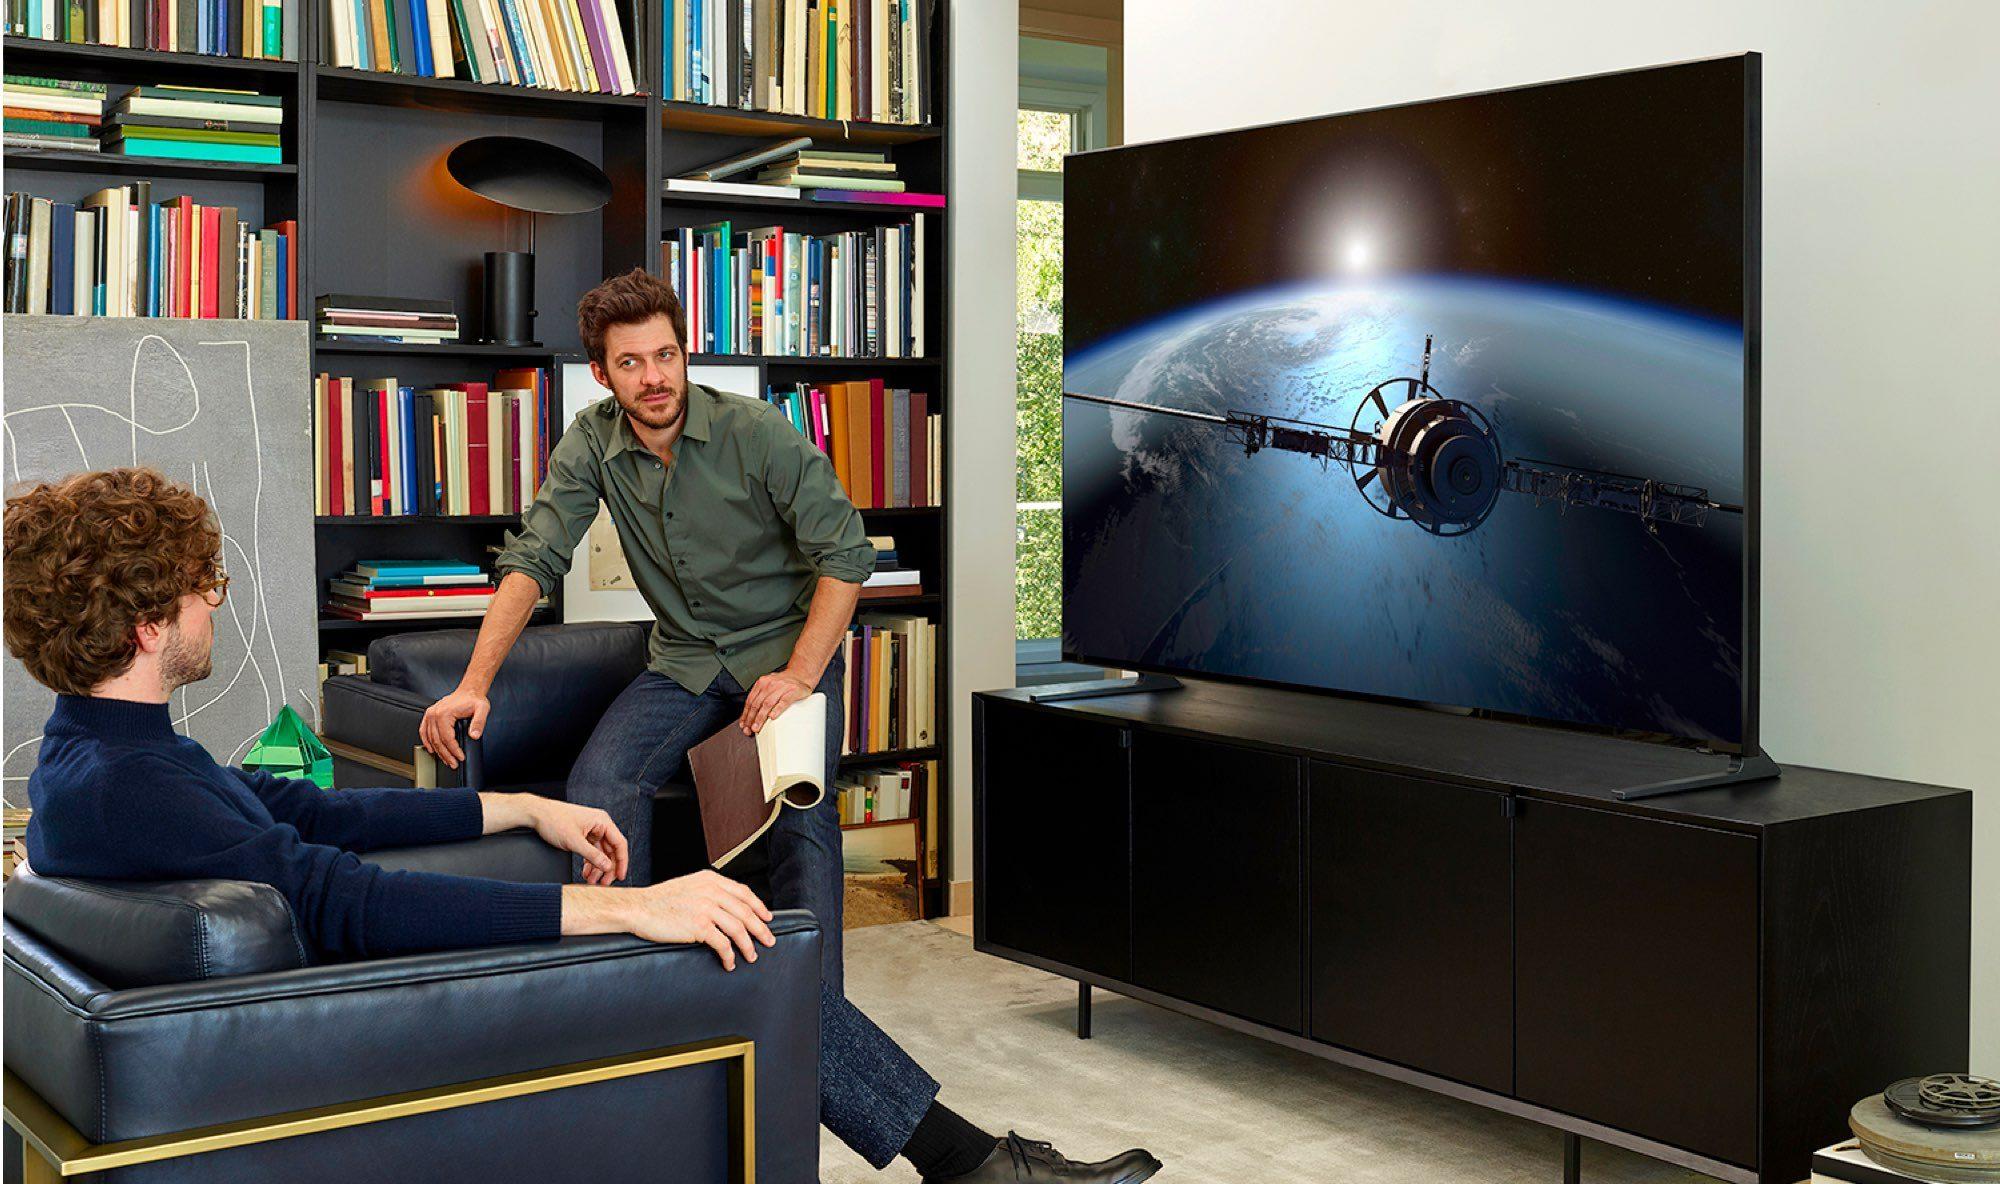 Wat Is De Optimale Kijkafstand Voor Een Tv Fwd